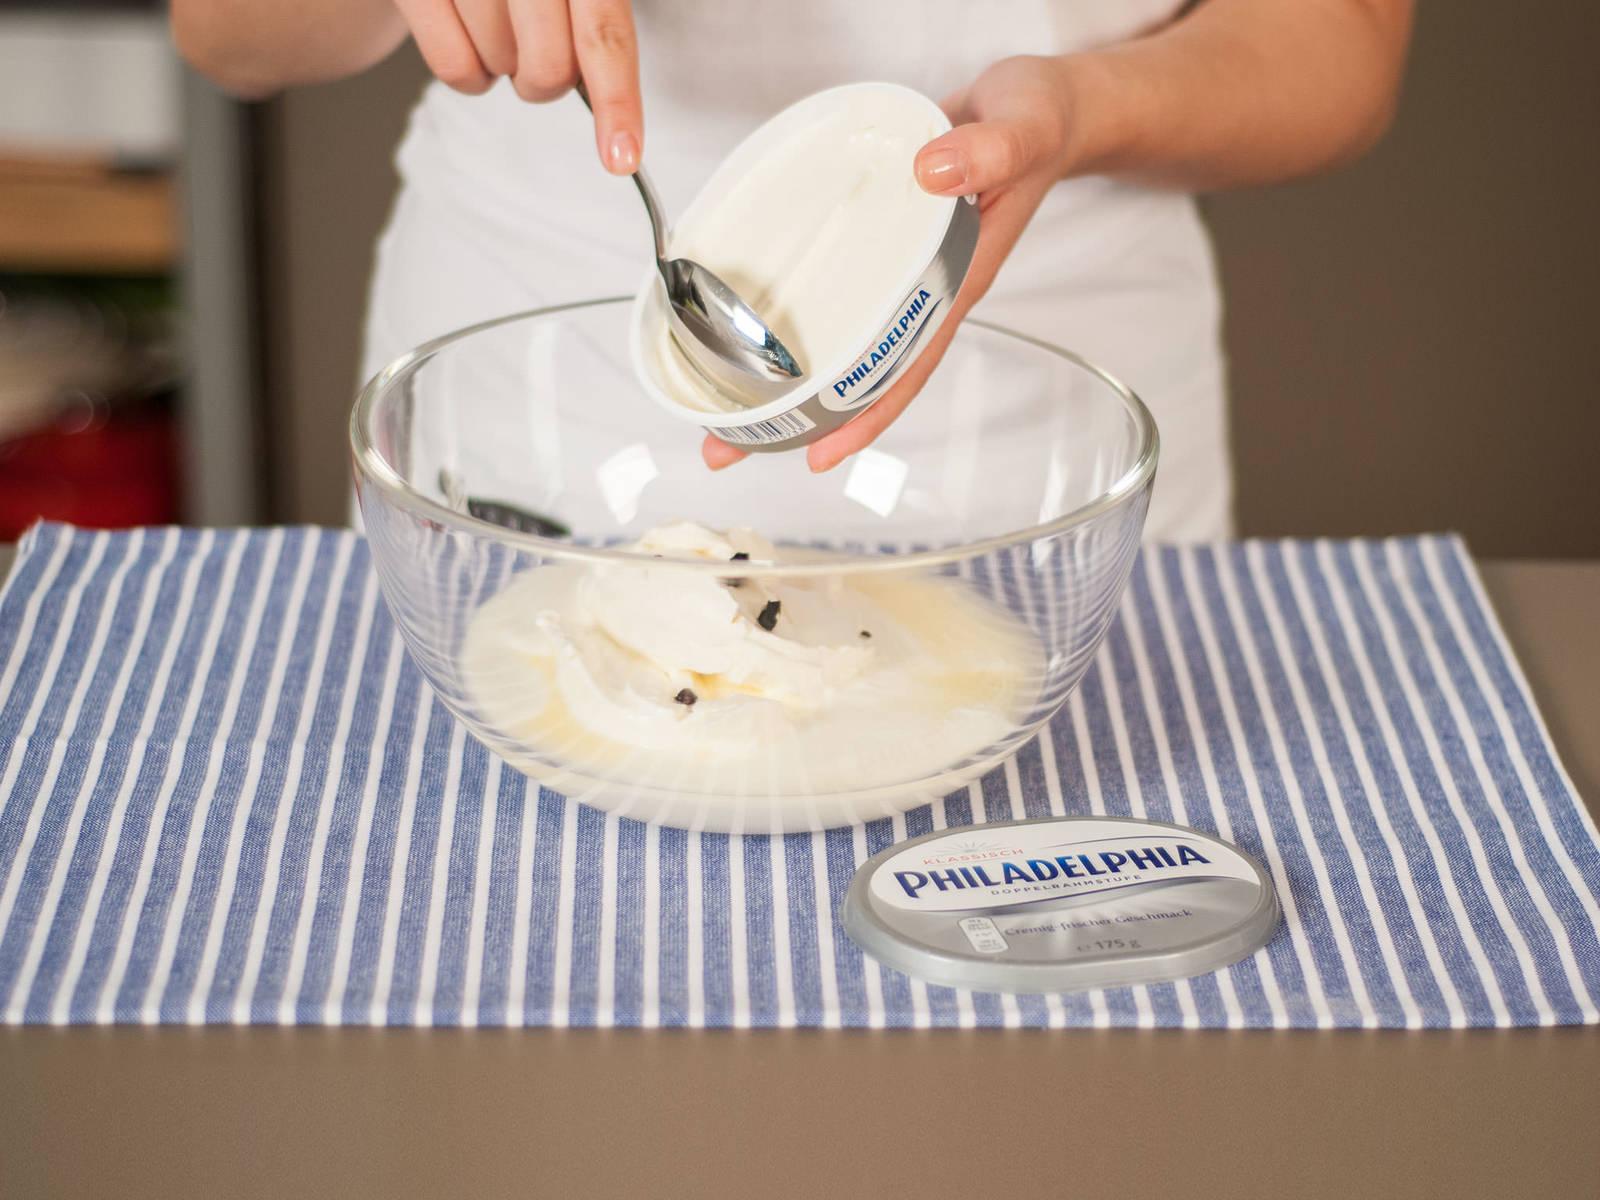 柠檬榨汁,刮出香草精华。将柠檬汁、香草精华、酸奶与奶油奶酪放入大碗中,搅拌均匀。